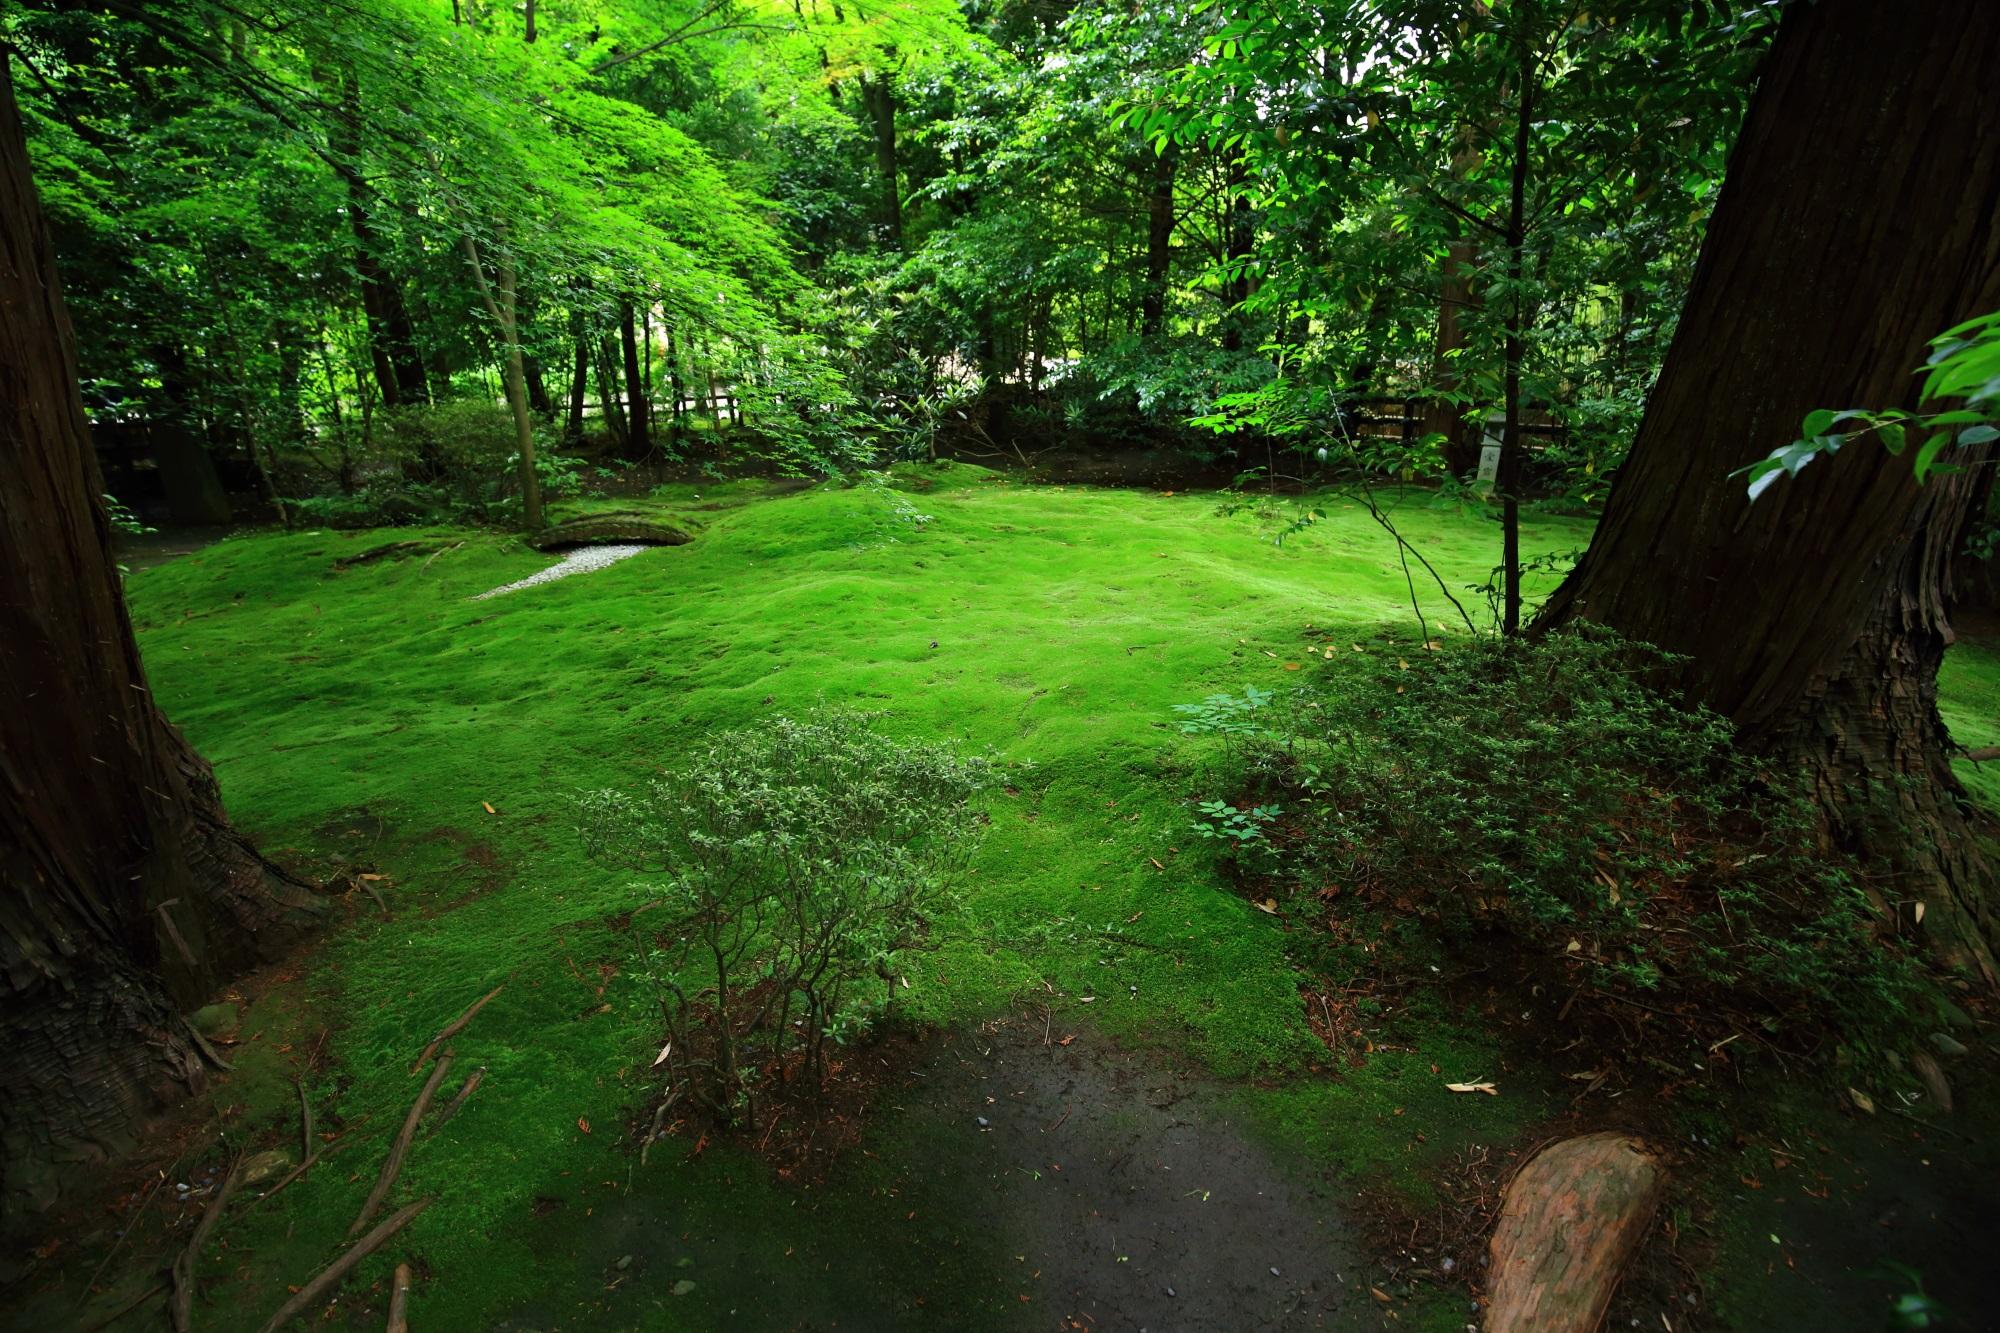 縁結びの野宮神社(ののみやじんじゃ)の苔庭